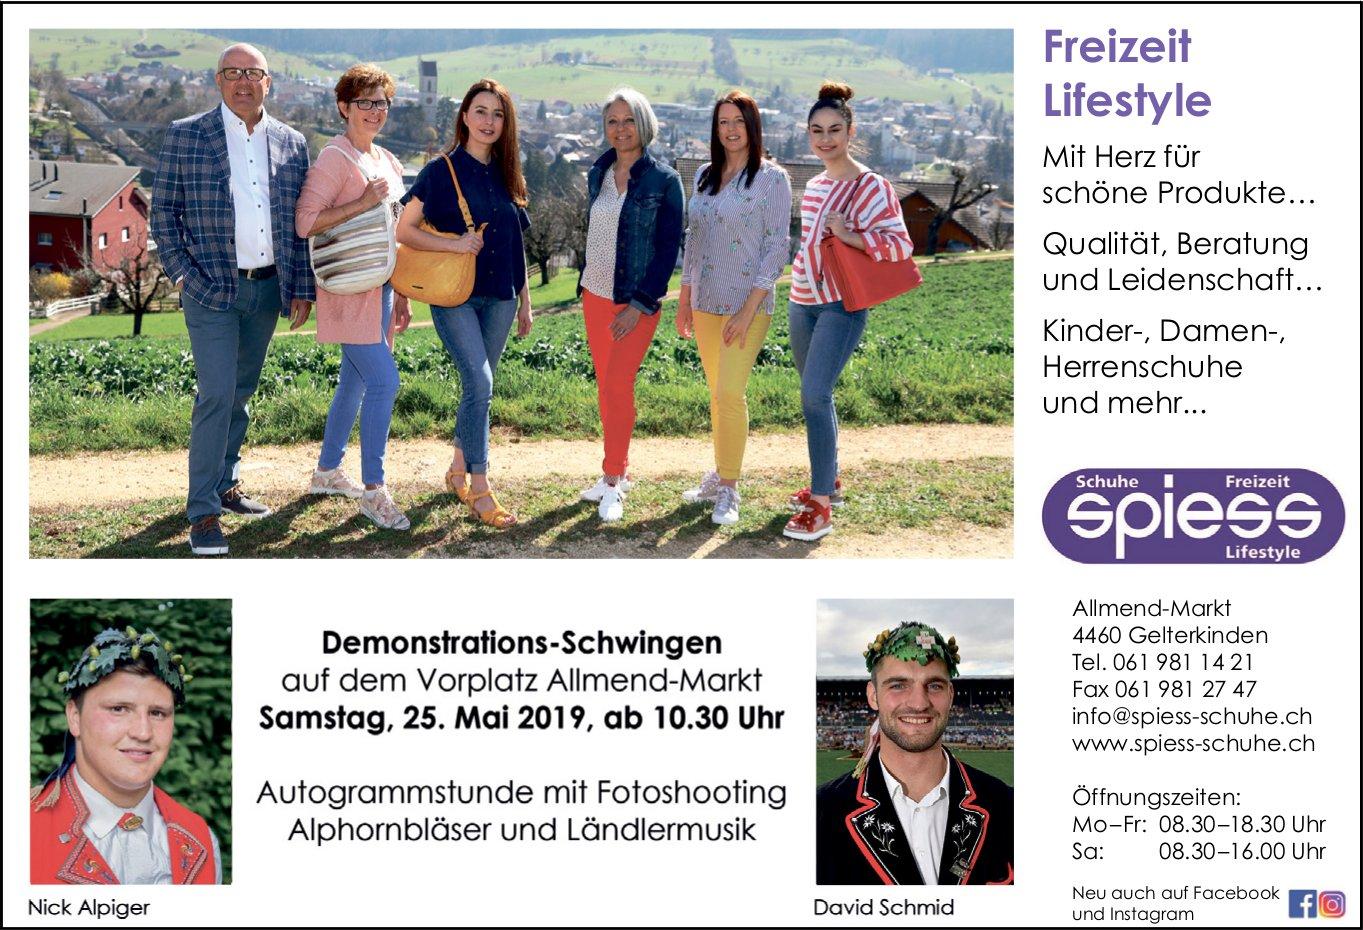 Demonstrations-Schwingen, 25. Mai, Vorplatz Allmend-Markt, Gelterkinden